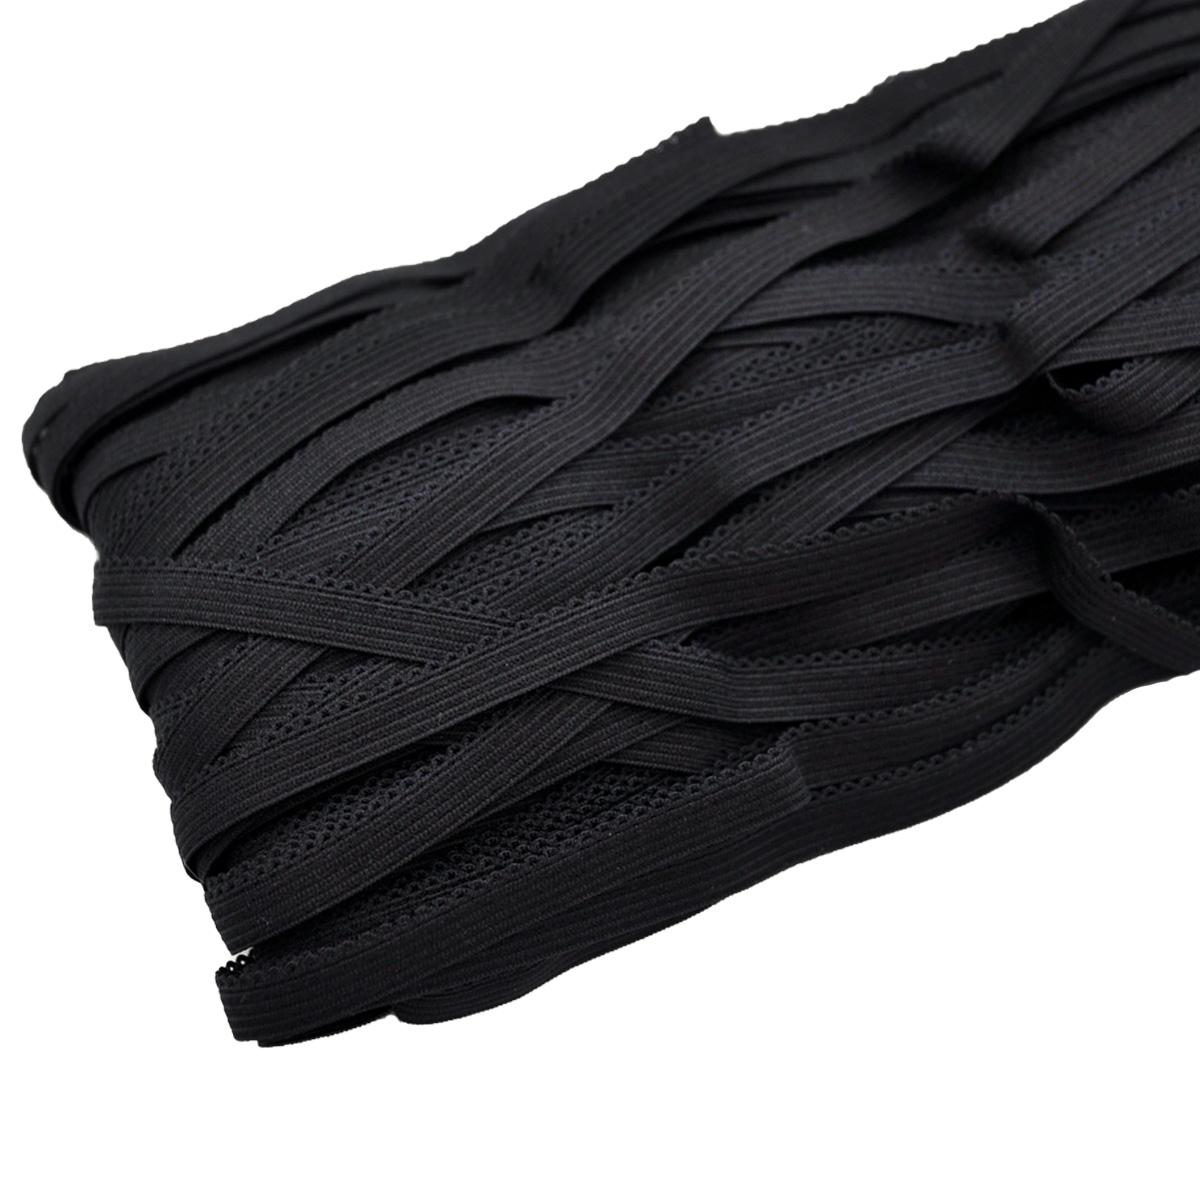 STB/04 эластичная ажурная лента 8мм*50м, черный